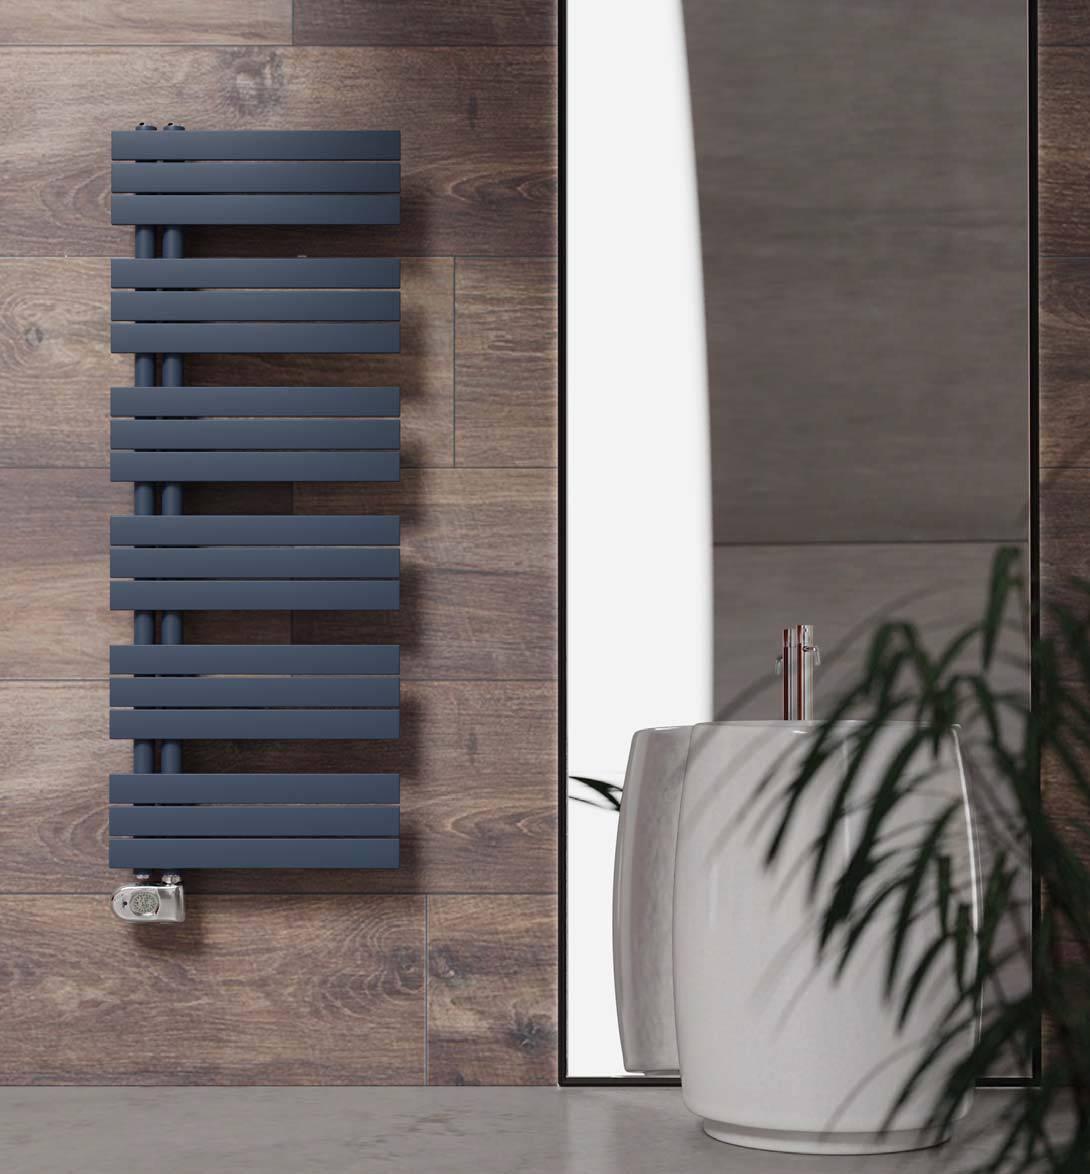 Chauffe-serviettes-Cordivari-Kelly-plat-électrique-couleur-f37-denim-bleu